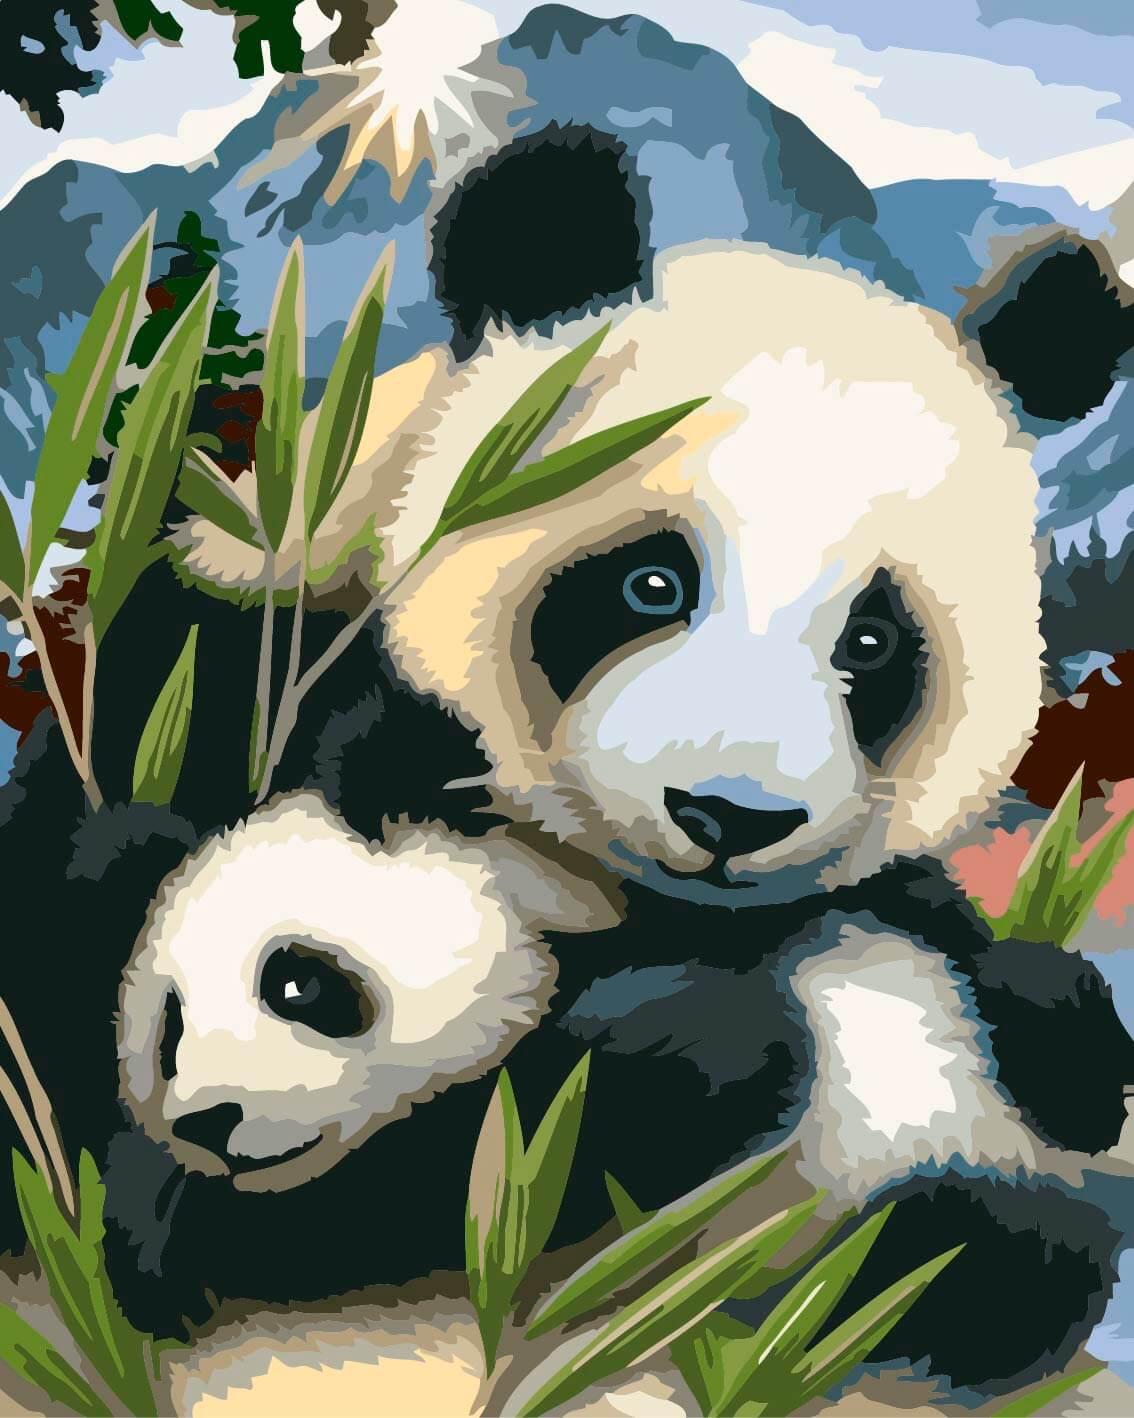 Панды очень красивые и прикольные картинки, арты, фото - подборка 17